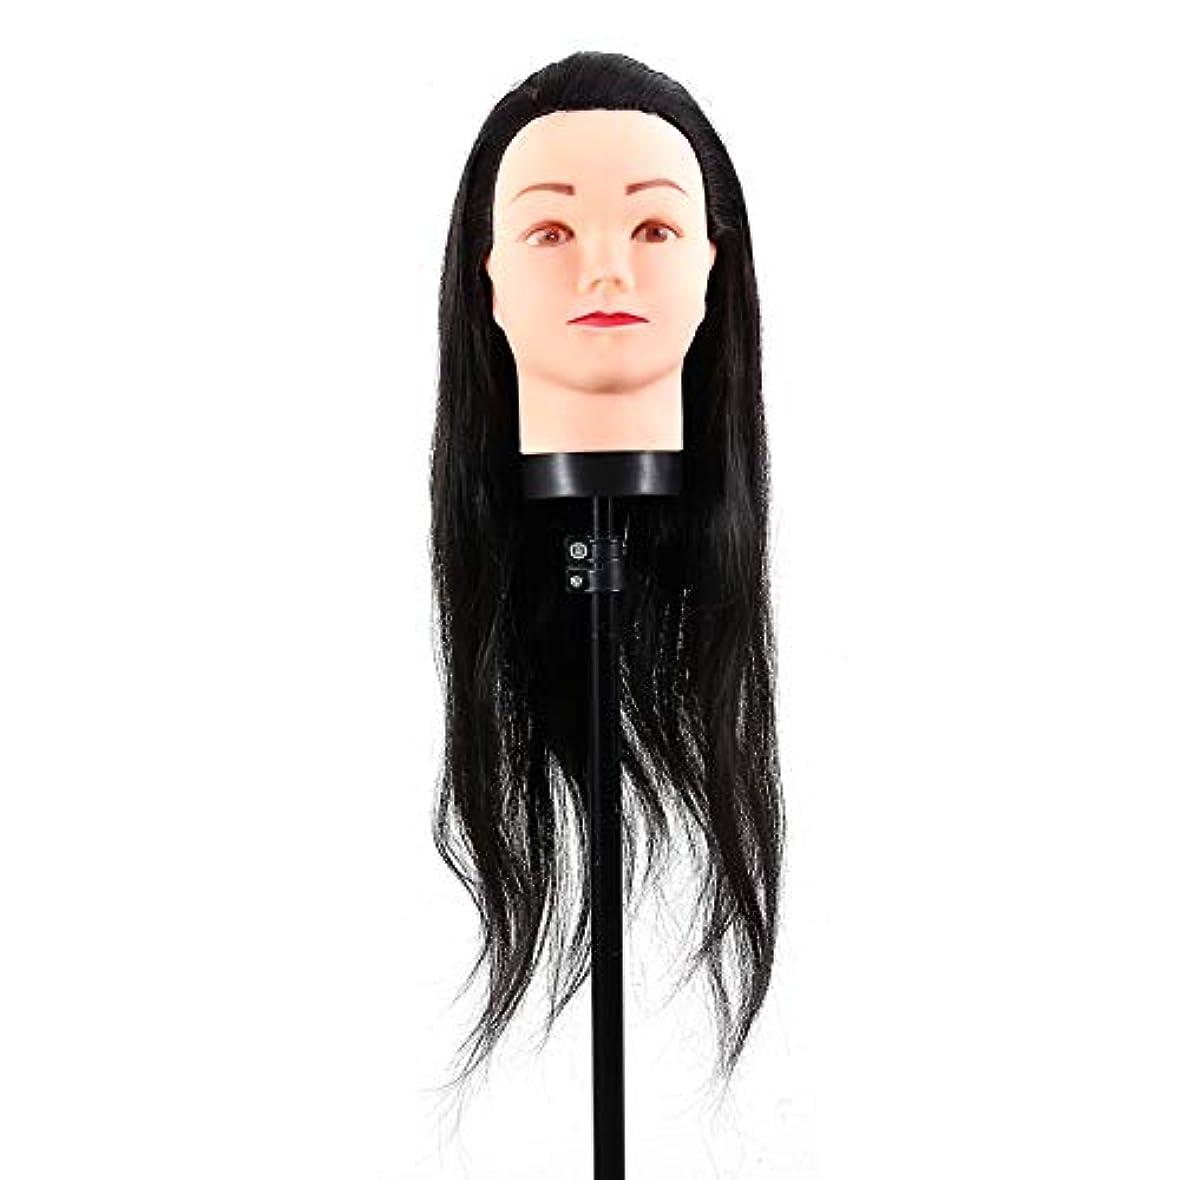 デモンストレーションカブ将来の美容練習マネキン、黒髪、40cm、ヘアスタイルトレーニング用